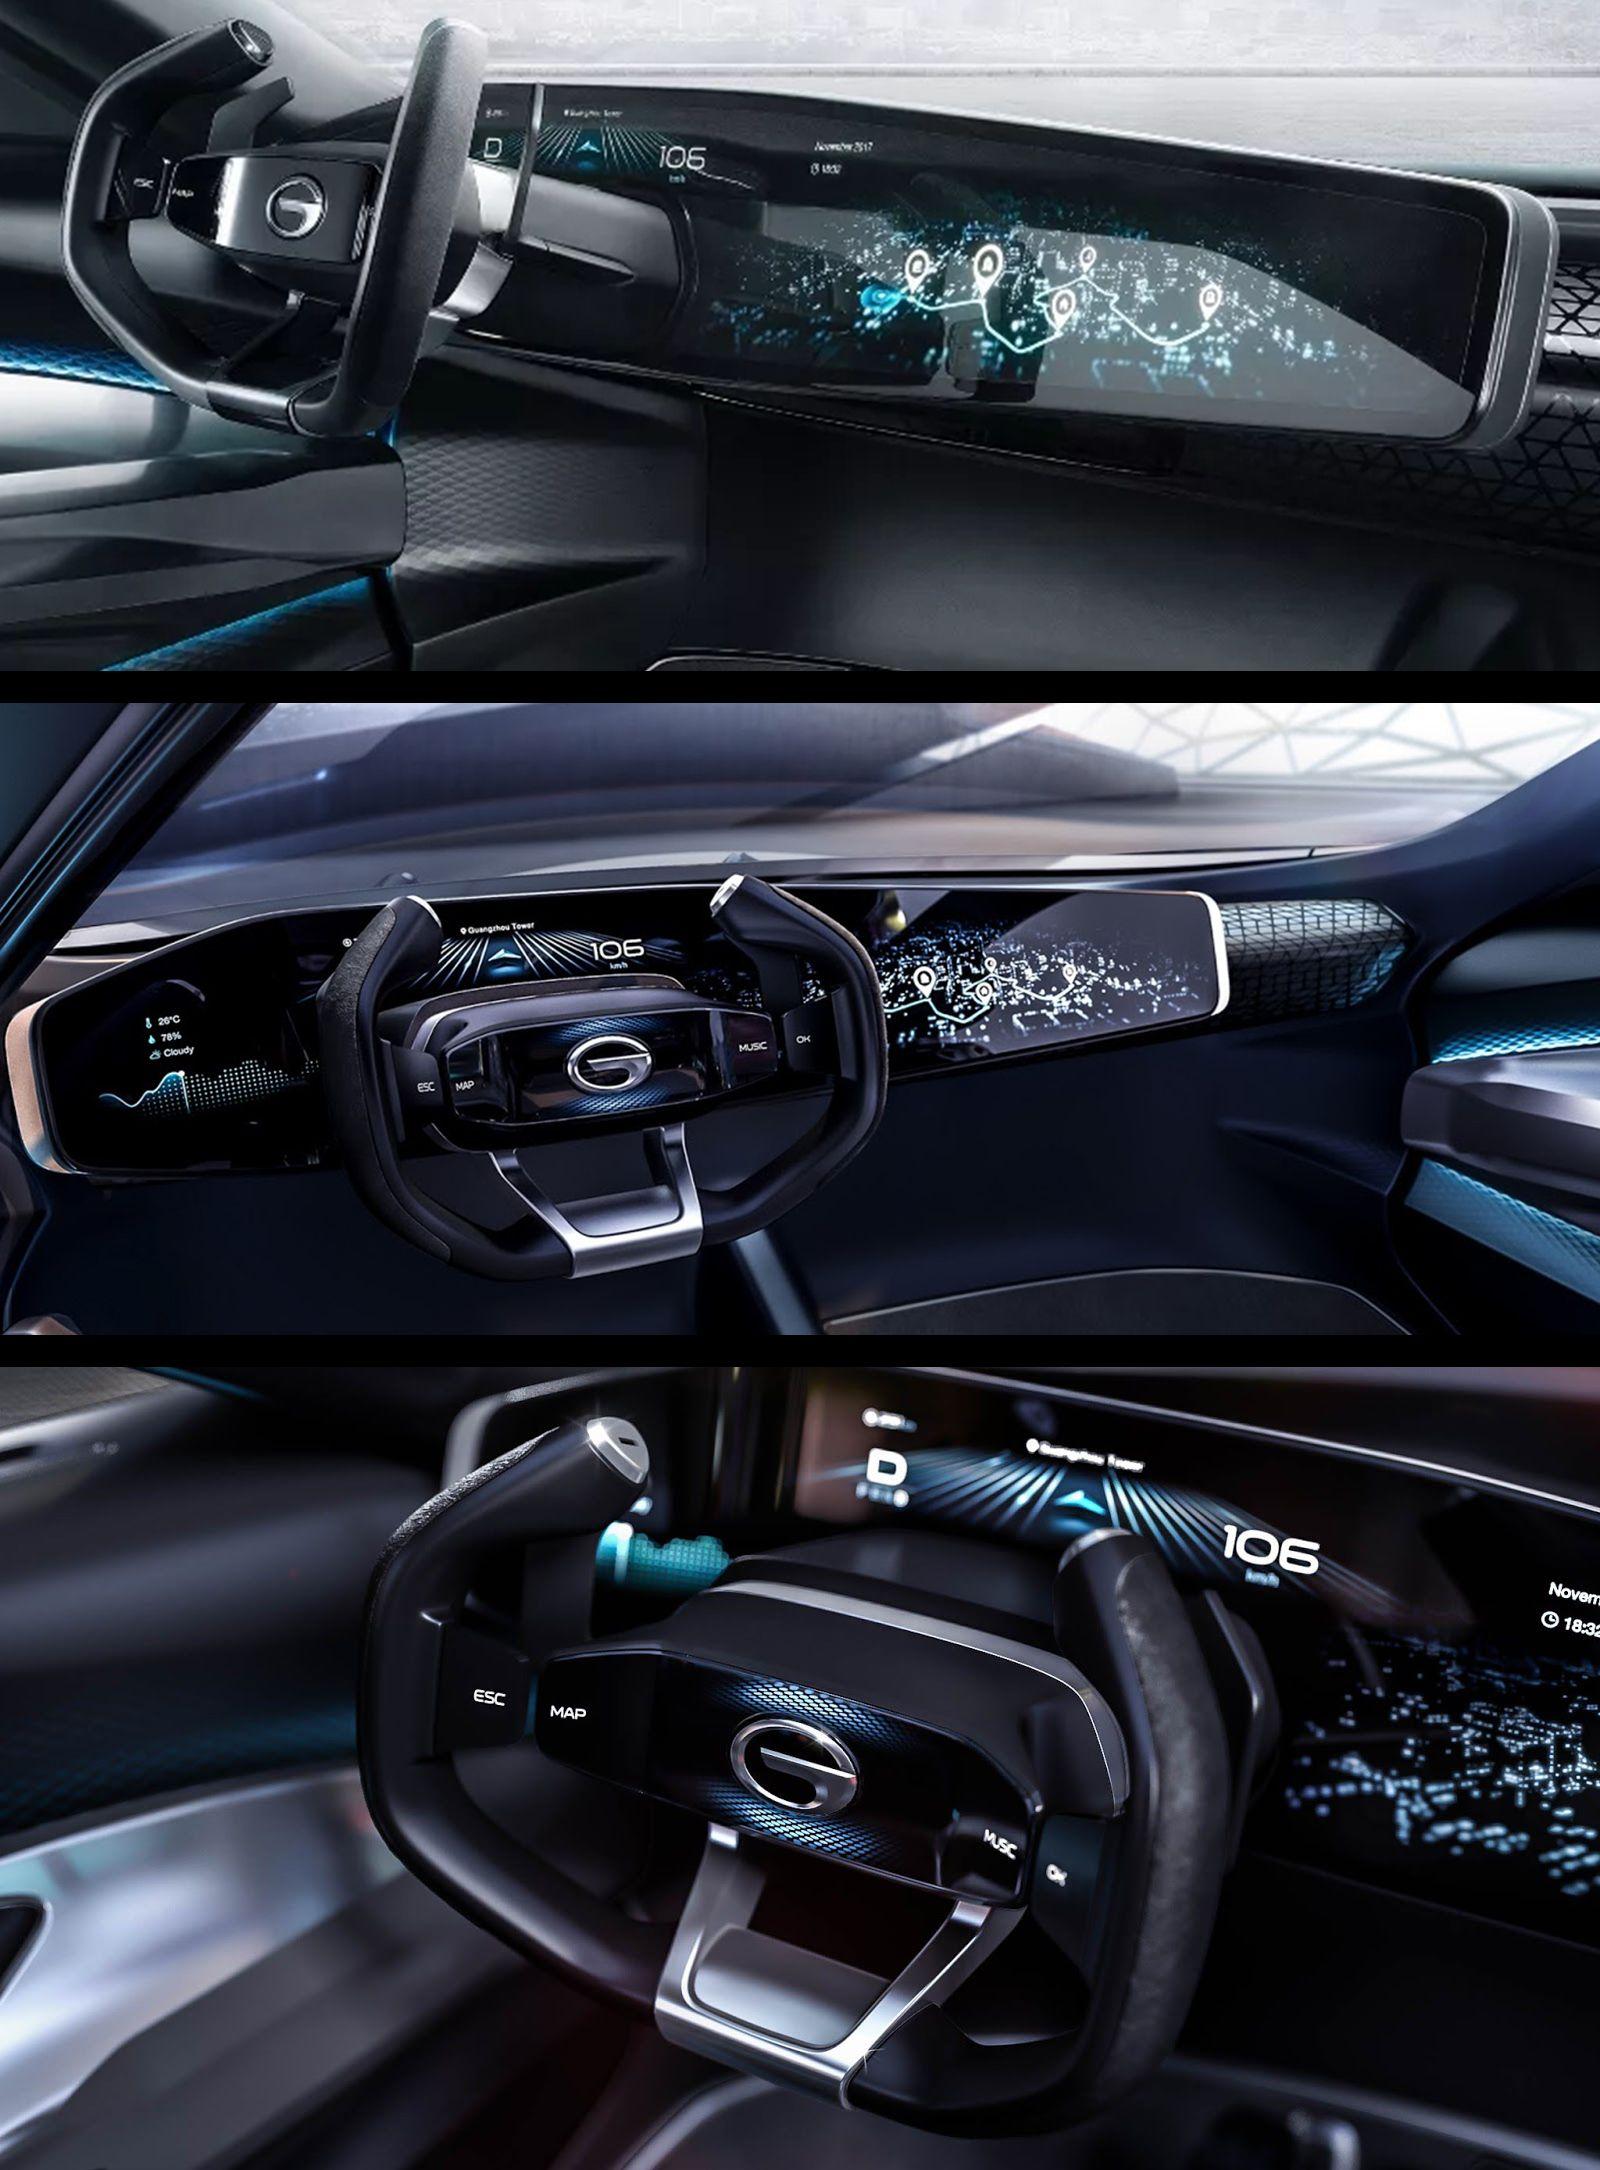 GAC Enverge concept Detroit 2018 UX / UI HMI Car Interior Sketch Car Interior Design & GAC Enverge concept Detroit 2018 UX / UI HMI | car interior | Car ...